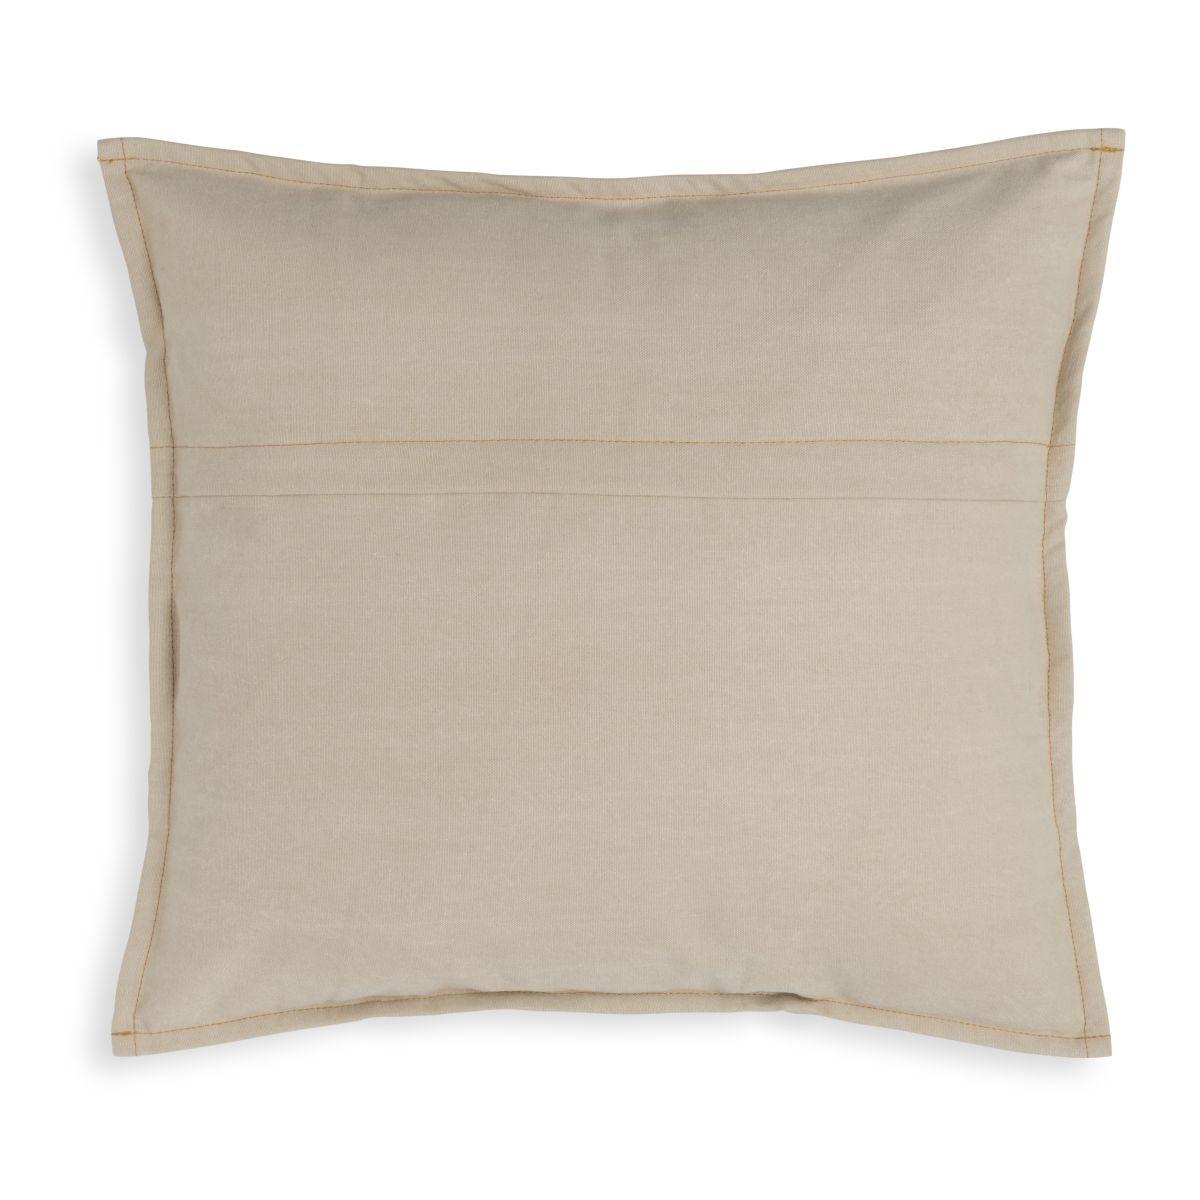 knit factory kf154012012 hope kussen beige 50x50 2